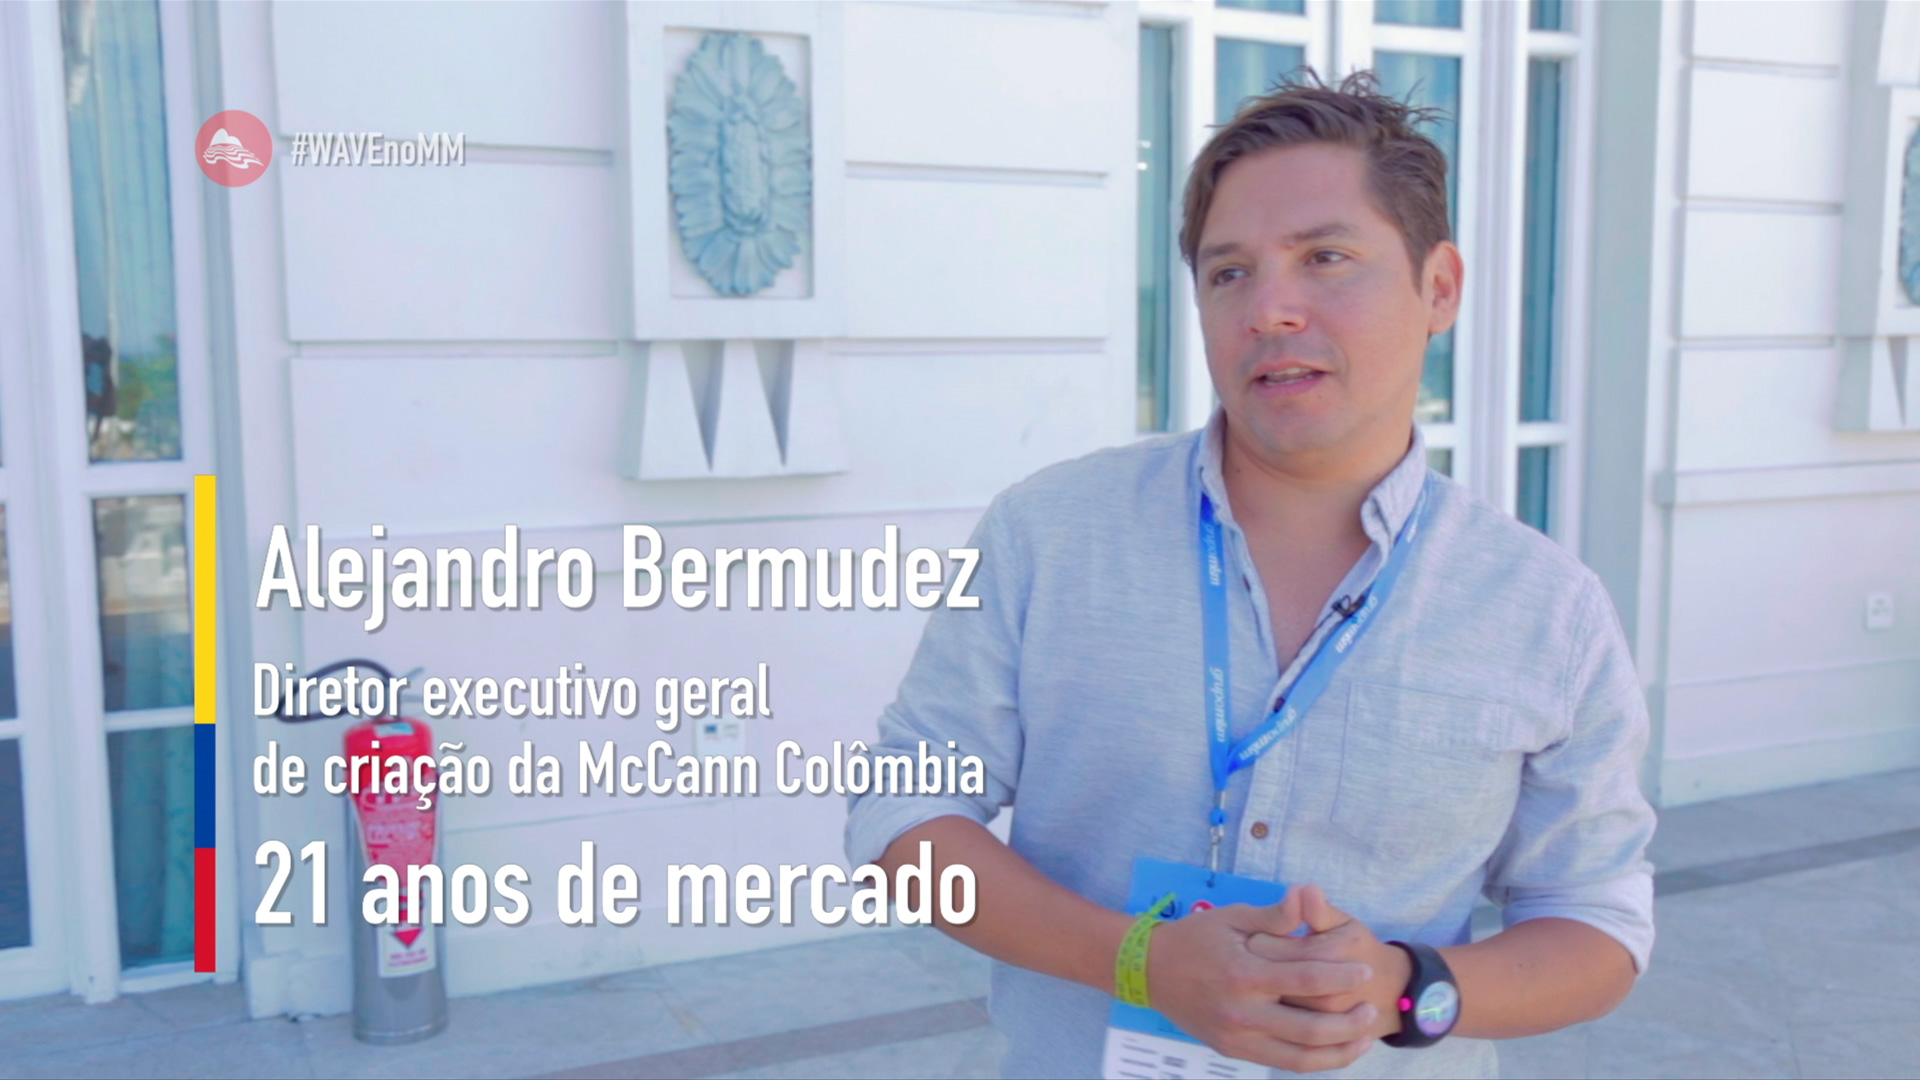 Talentos Latinos: Alejandro Bermudez – Colômbia